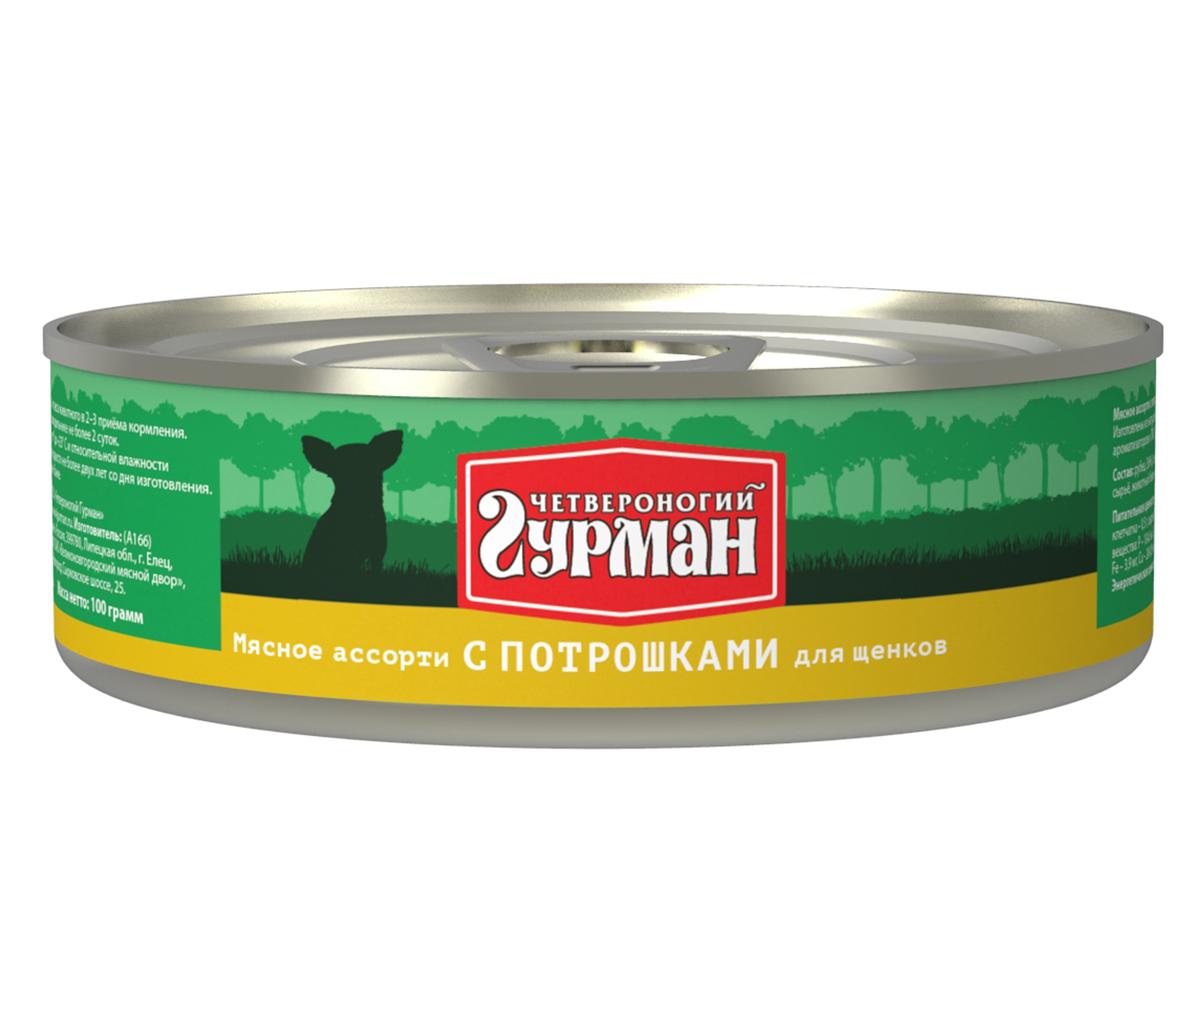 Консервы для щенков Четвероногий гурман Мясное ассорти, с потрошками, 100 г. 103101018103101018Консервы для щенков Четвероногий гурман Мясное ассорти - это влажный мясной корм суперпремиум класса, состоящий из разных сортов мяса и качественных субпродуктов. Корм не содержит синтетических витаминно-минеральных комплексов, злаков, бобовых и овощей. Никаких искусственных компонентов в составе: только натуральное, экологически чистое мясо от проверенных поставщиков. По консистенции продукт представляет собой кусочки из фарша размером 3-15 мм. В состав входит коллаген. Его компоненты (хондроитин и глюкозамин) положительно воздействуют на суставы питомца. Состав: рубец (36%), сердце (22%), легкое, печень, коллагенсодержащее сырье, животный белок, масло растительное, вода. Пищевая ценность (в 100 г продукта): протеин 10,5 г, жир 6 г, клетчатка 0,5 г, сырая зола 2 г, влага 80 г. Минеральные вещества: P 104,6 мг, Са 11,03 мг, Na 159,3 мг, Cl 209,2 мг, Mg 10,9 мг, Fe 3,9 мг, Cu 249,05 мкг, I 4,32 мкг. Витамины: А, E, В1, В2, B3, B5, B6. Энергетическая ценность (на 100 г): 98 ккал.Товар сертифицирован.